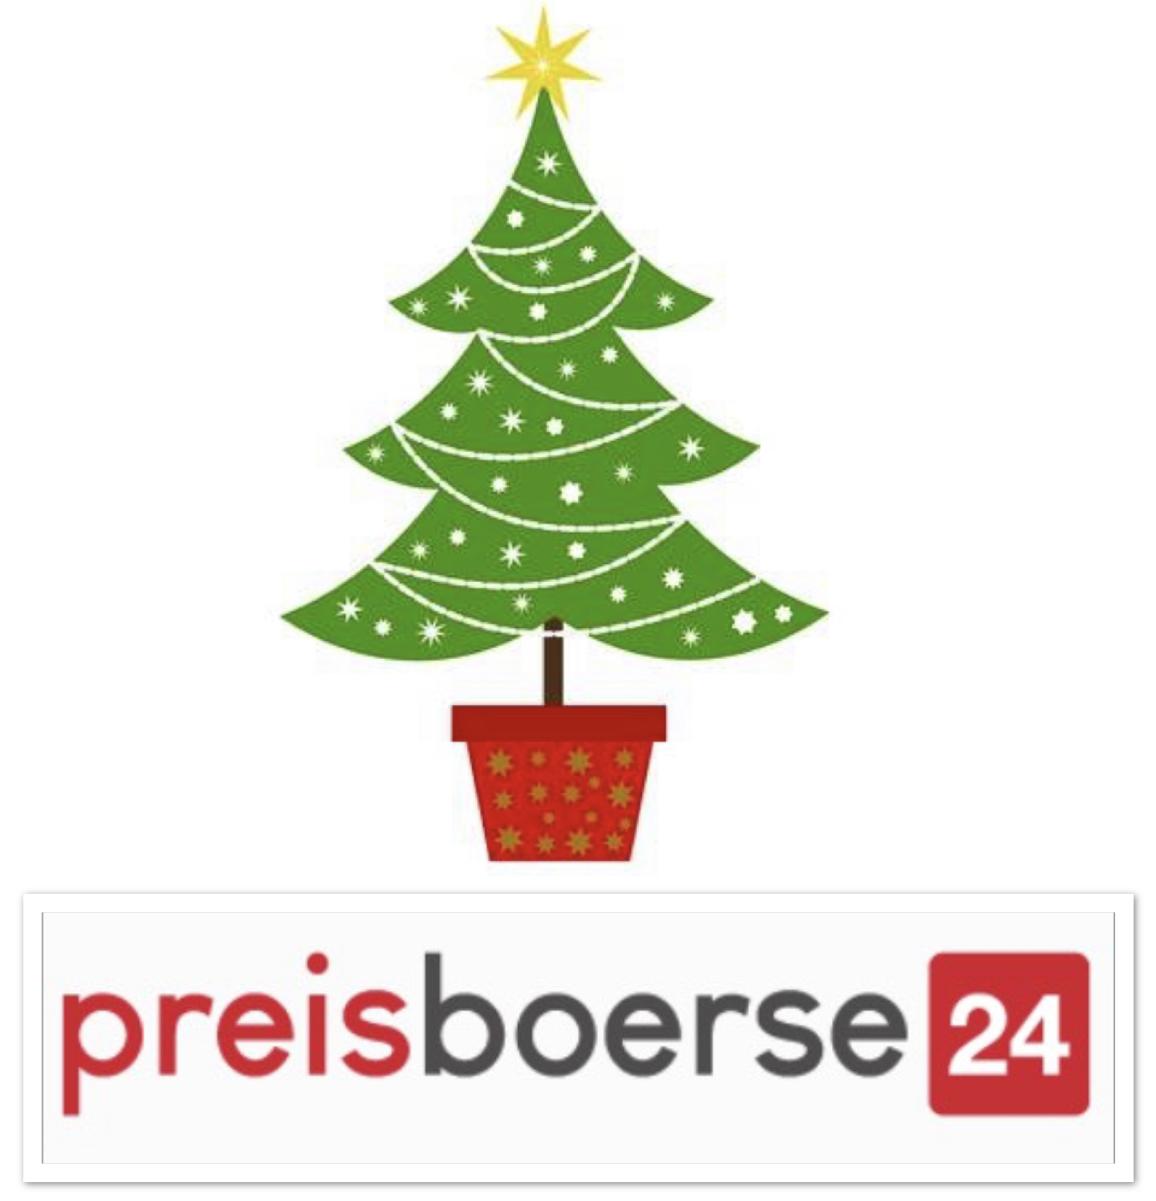 Weihnachten: Kopfhörer zu jeder Bestellung geschenkt v. 24.12. - 26.12.